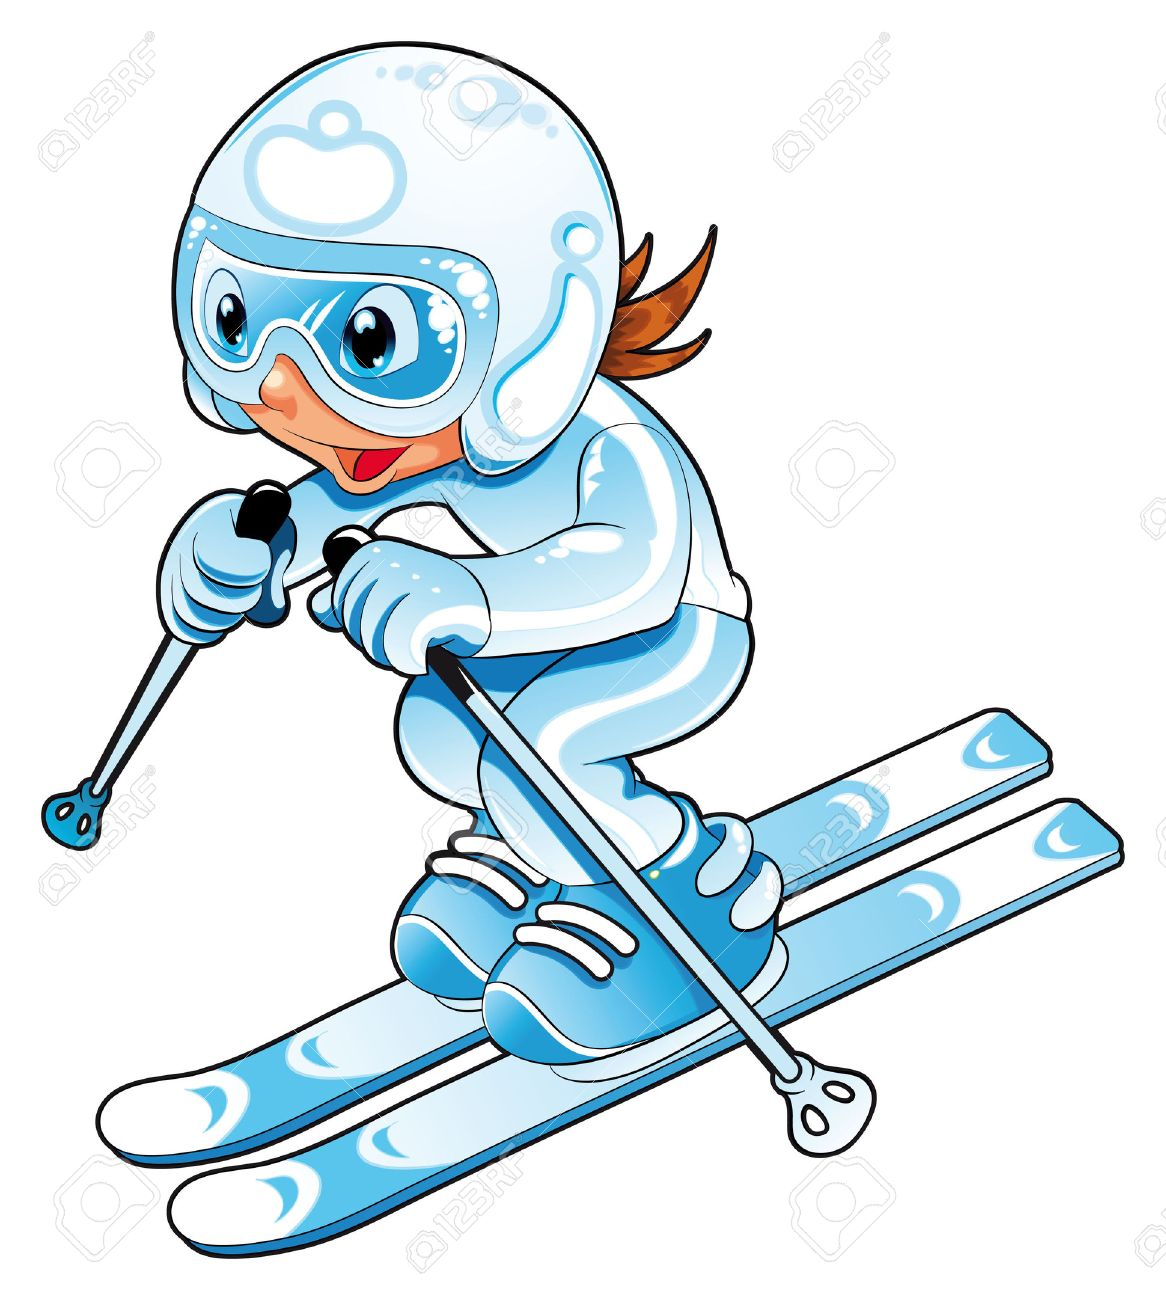 """Résultat de recherche d'images pour """"skieurs dessin"""""""